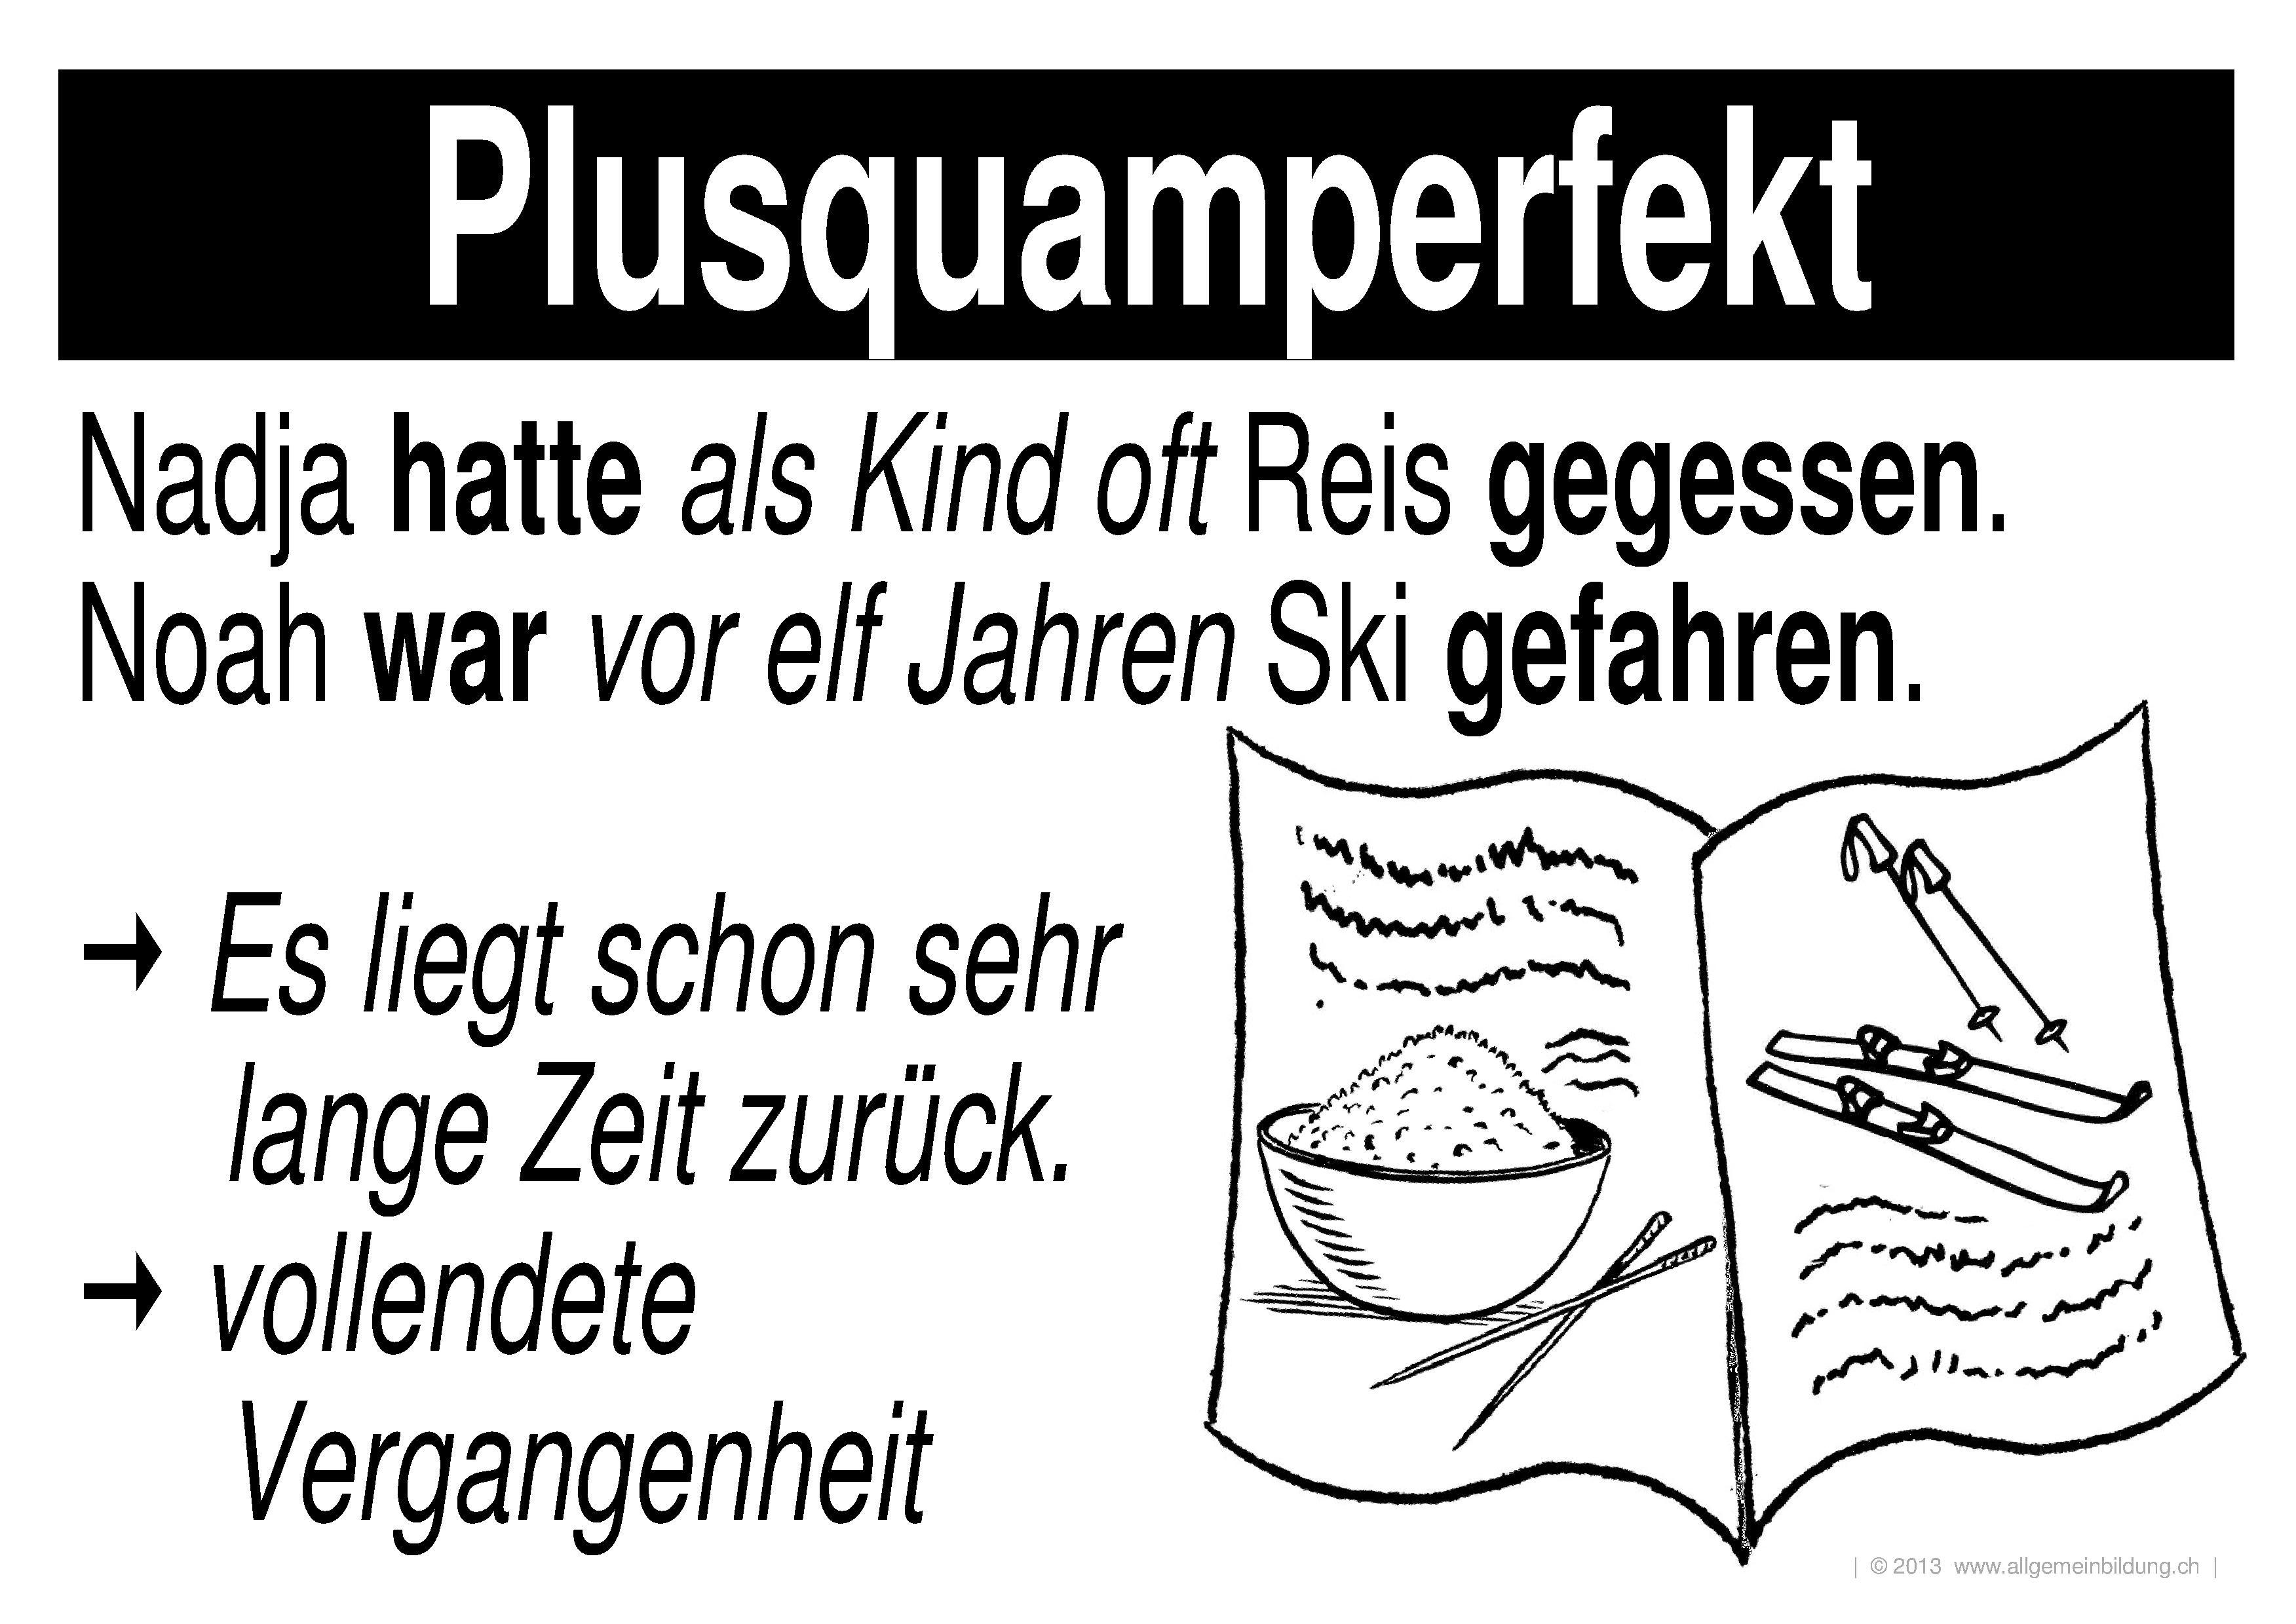 Ungewöhnlich Arbeitsblatt Für Plusquamperfekt Angespannt Galerie ...